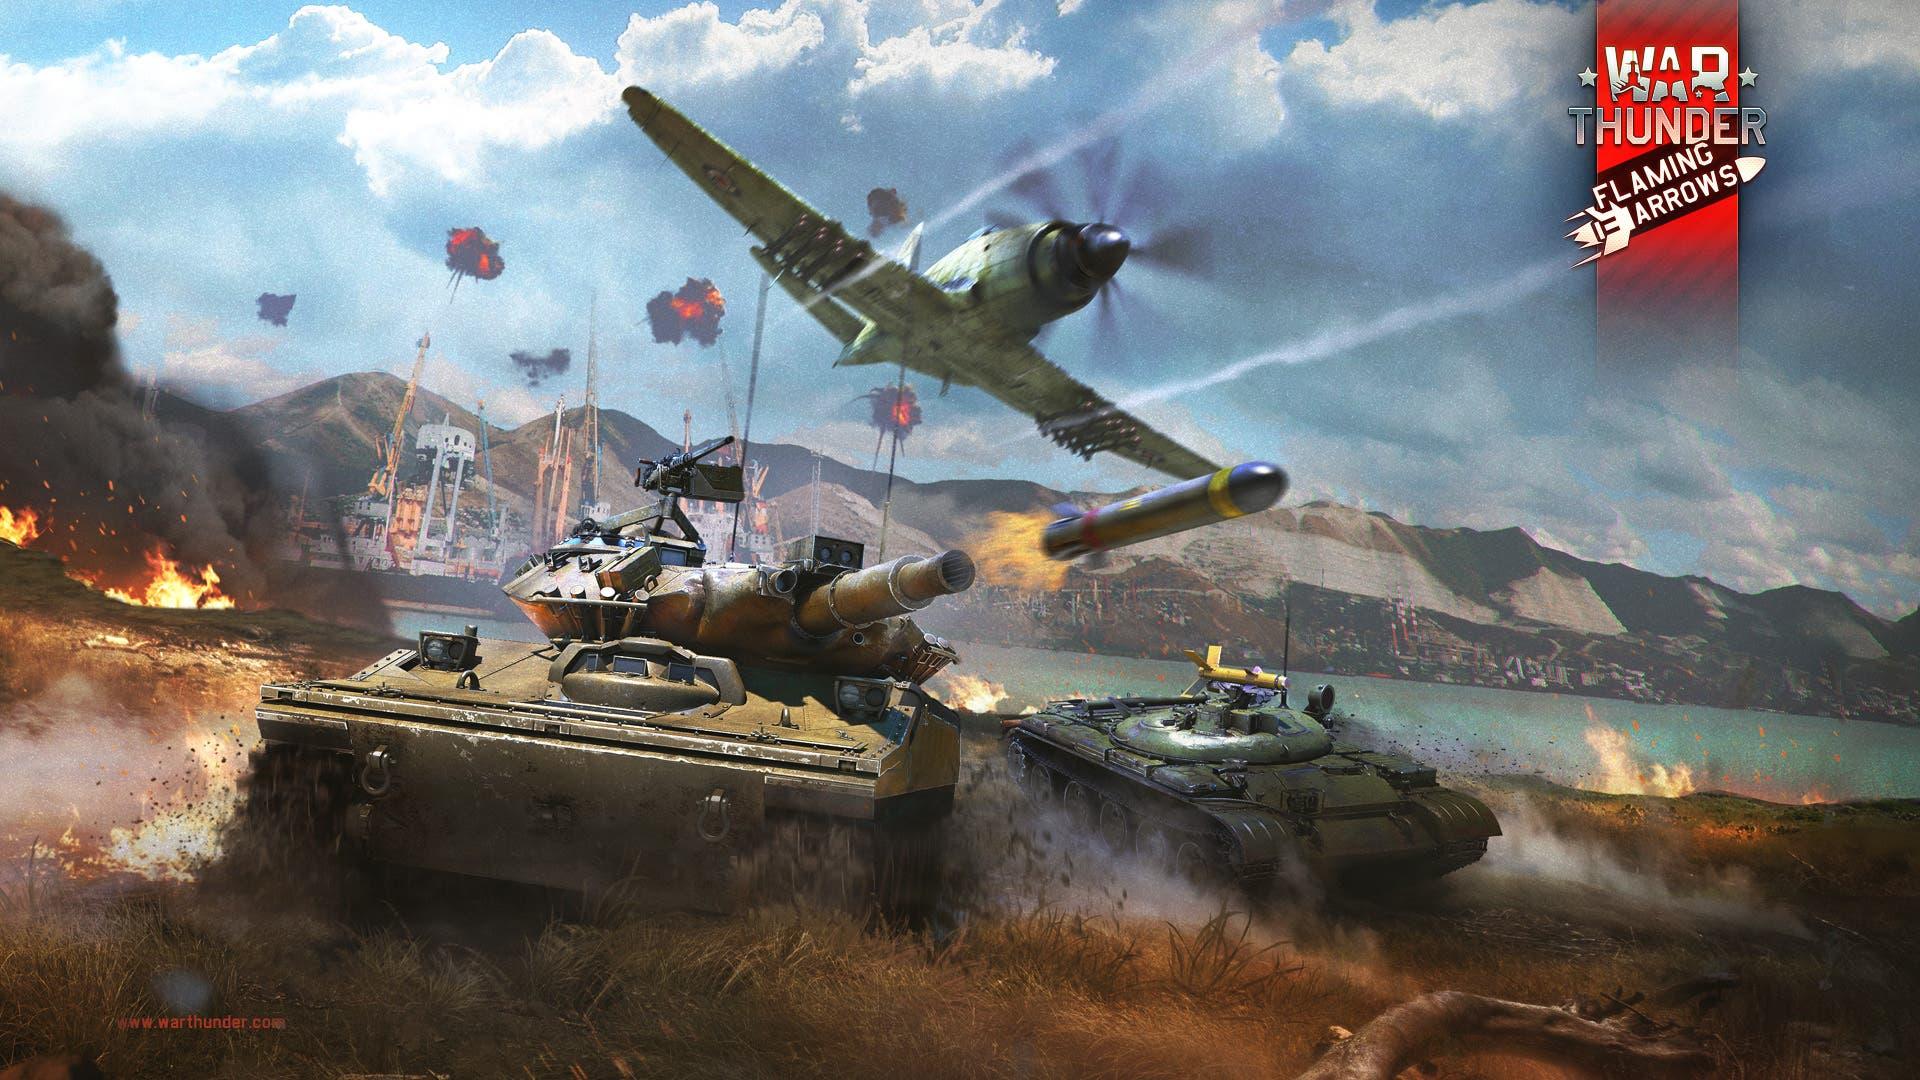 Imagen de War Thunder concluye su beta abierta y llega su versión final